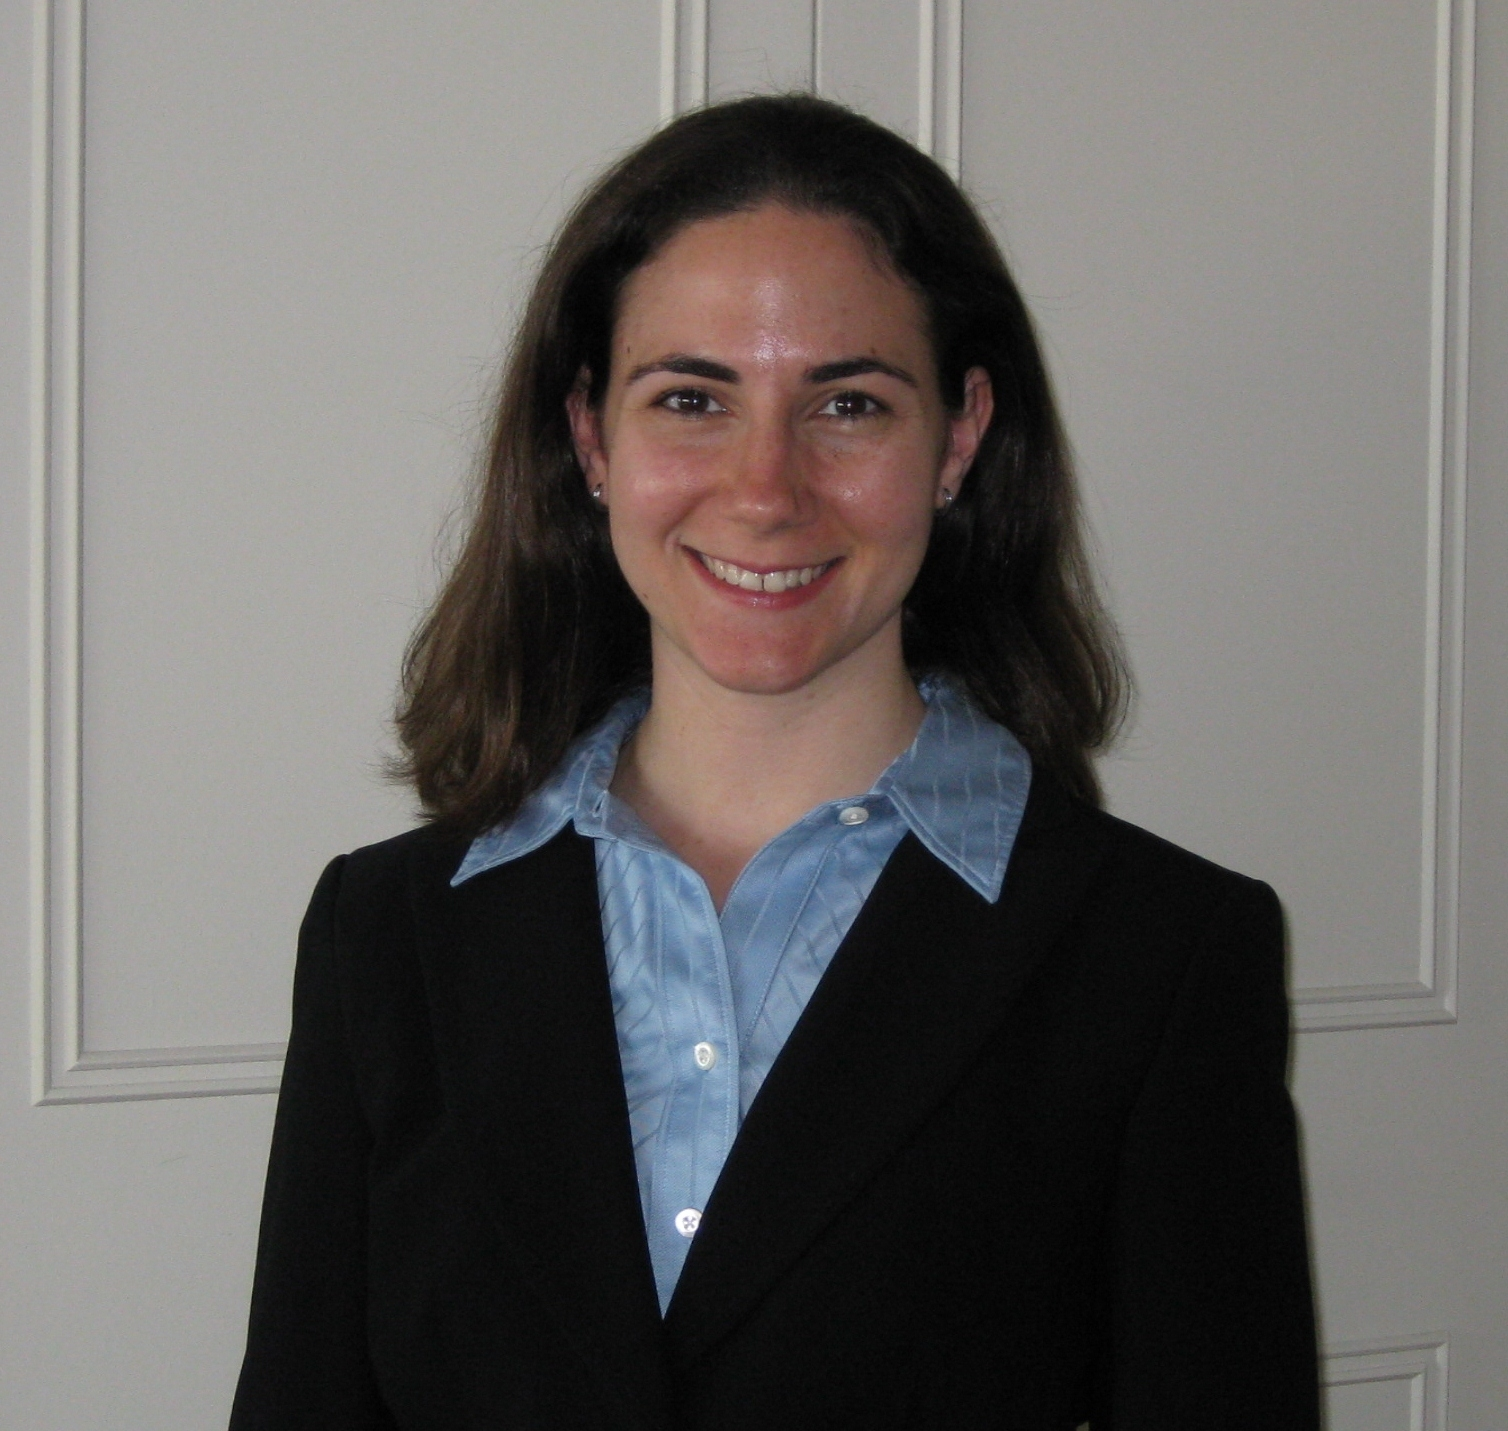 Alyson Leigh Rosenfeld Alyson Leigh Rosenfeld new photo